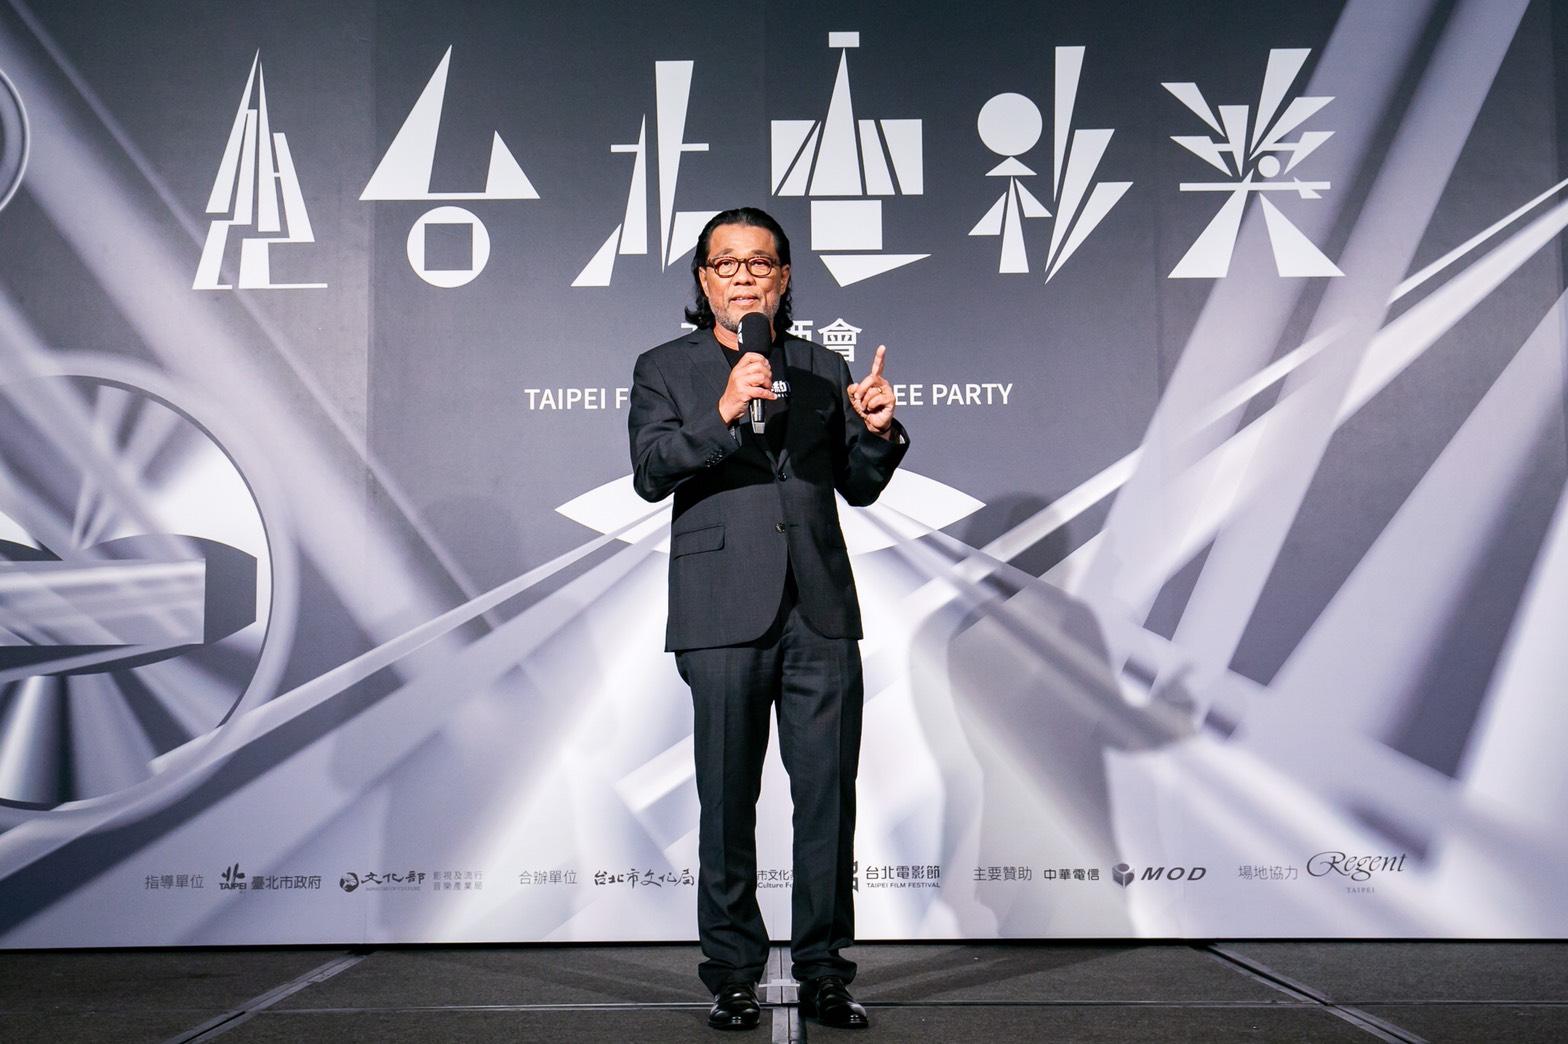 台北電影節主席李屏賓揭幕2020台北電影獎開幕酒會。